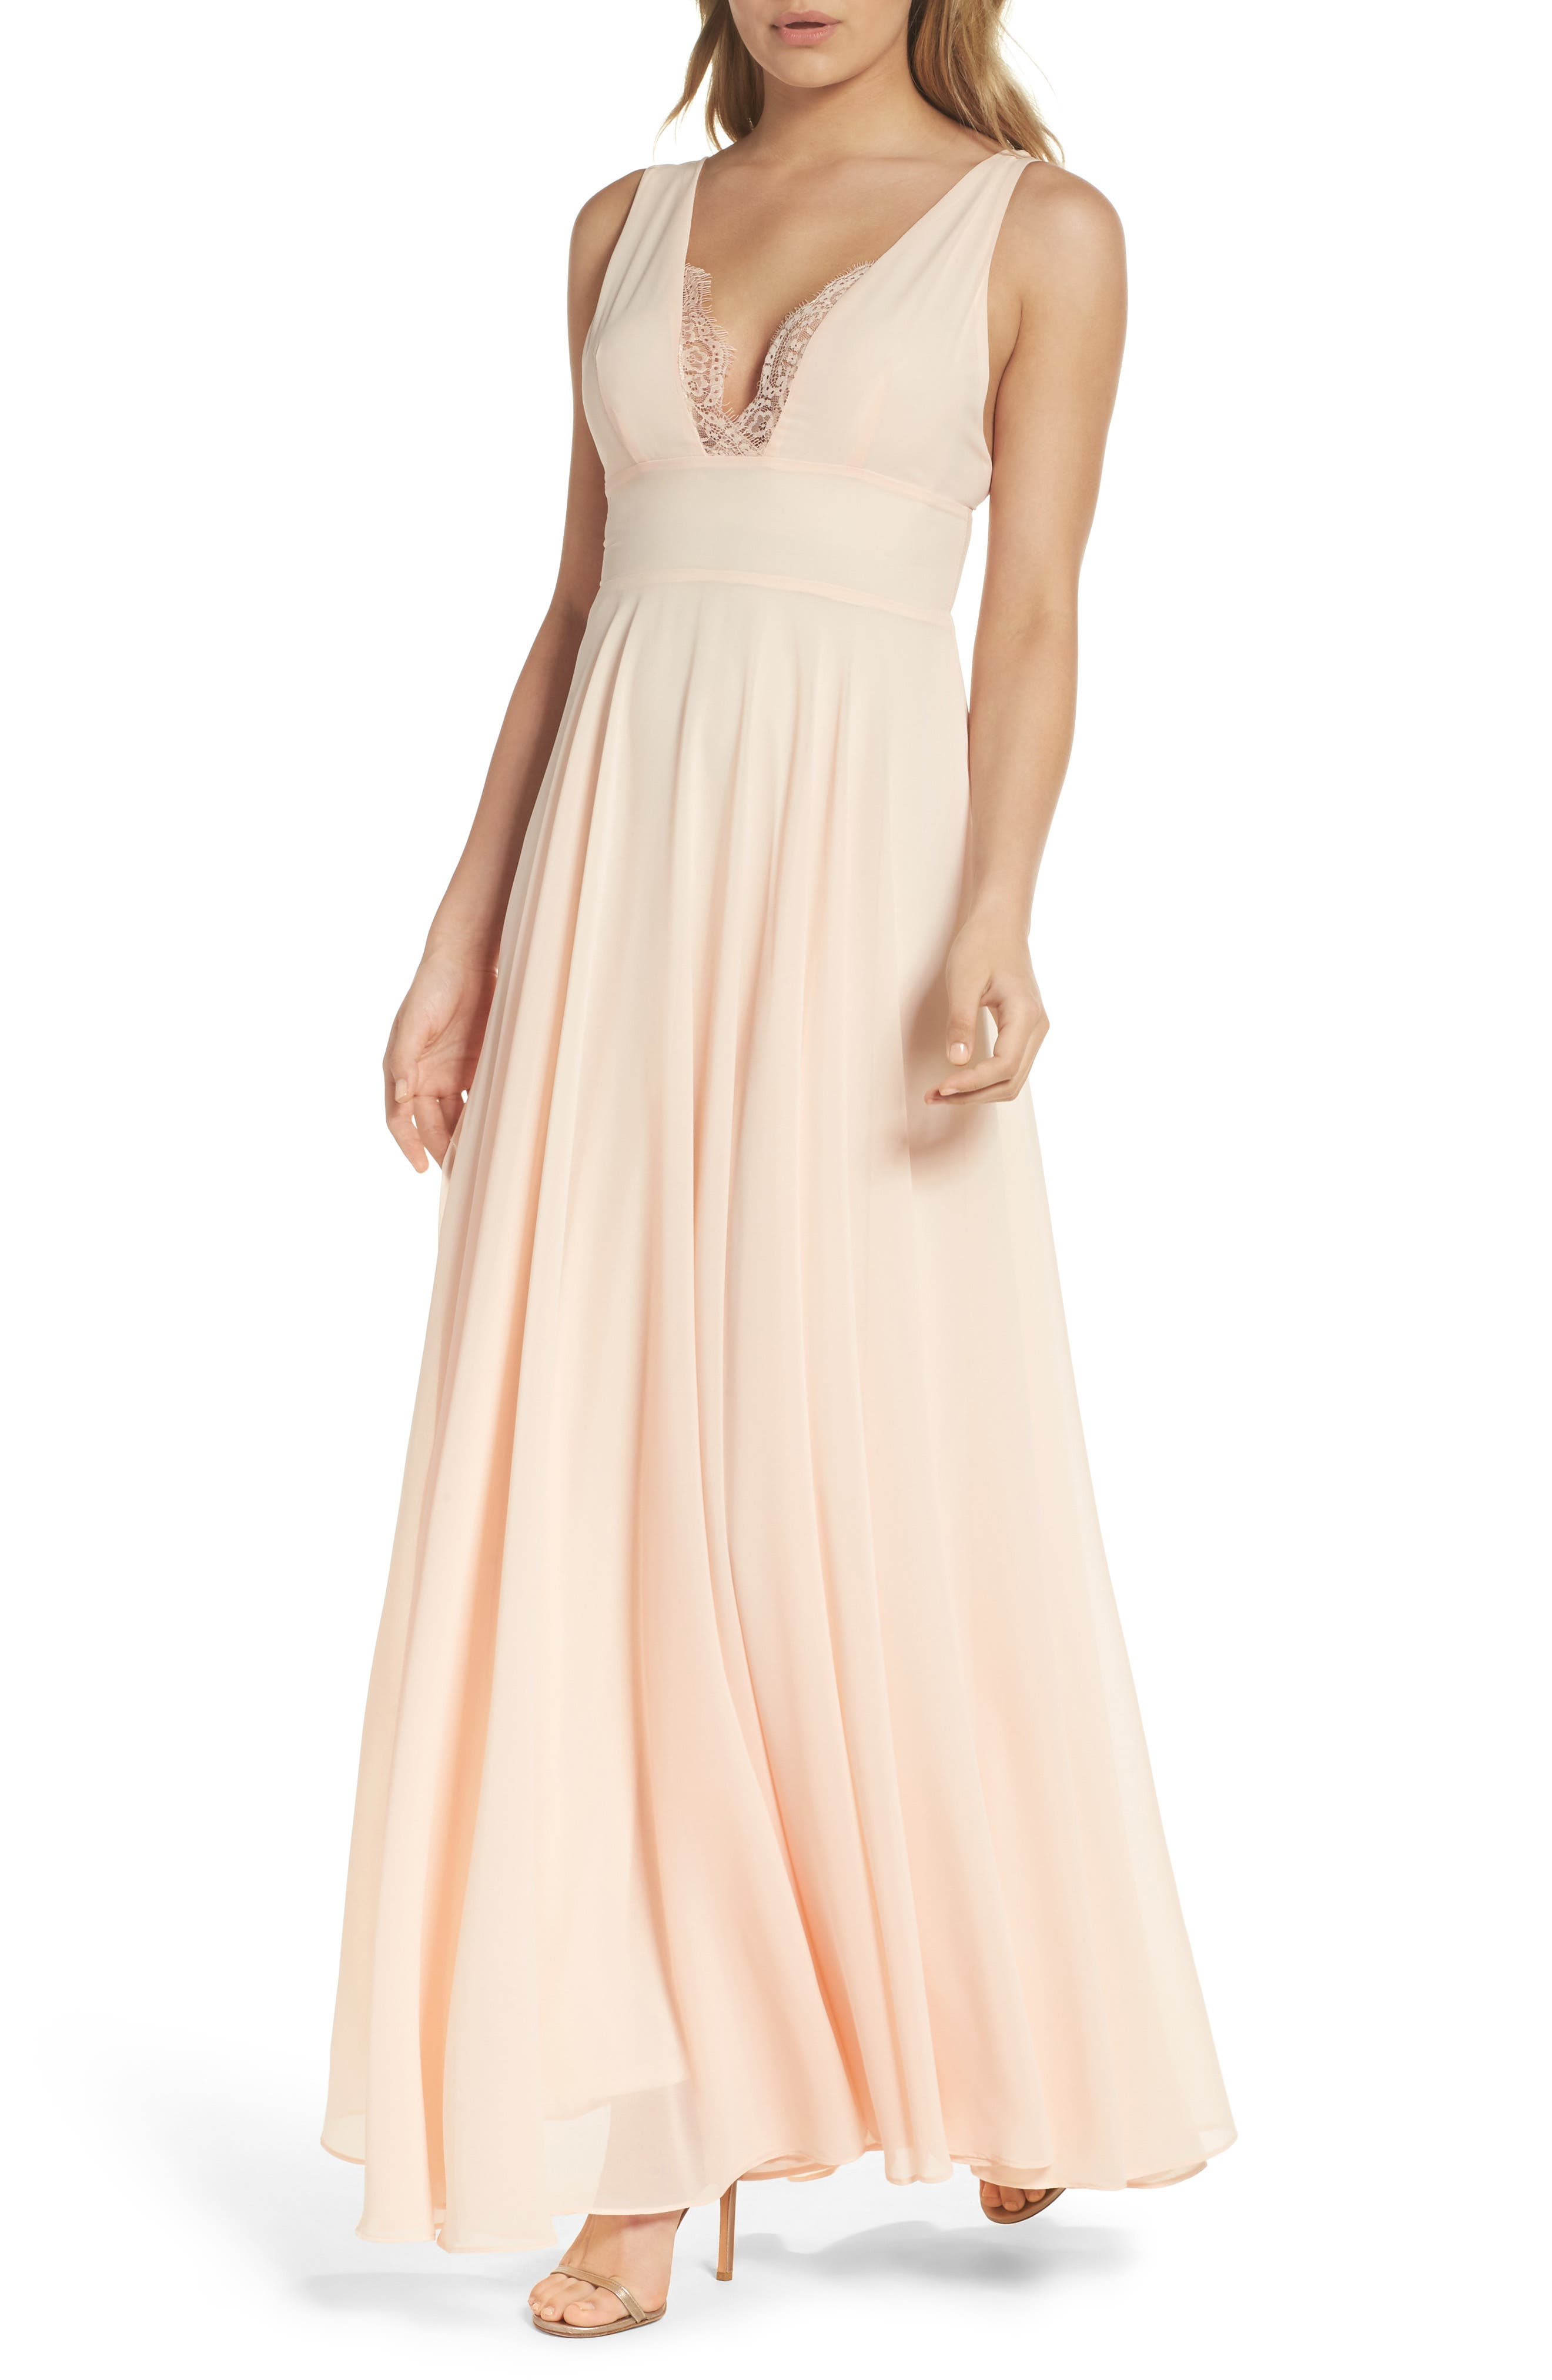 Lulus Lace Trim Chiffon Maxi Dress